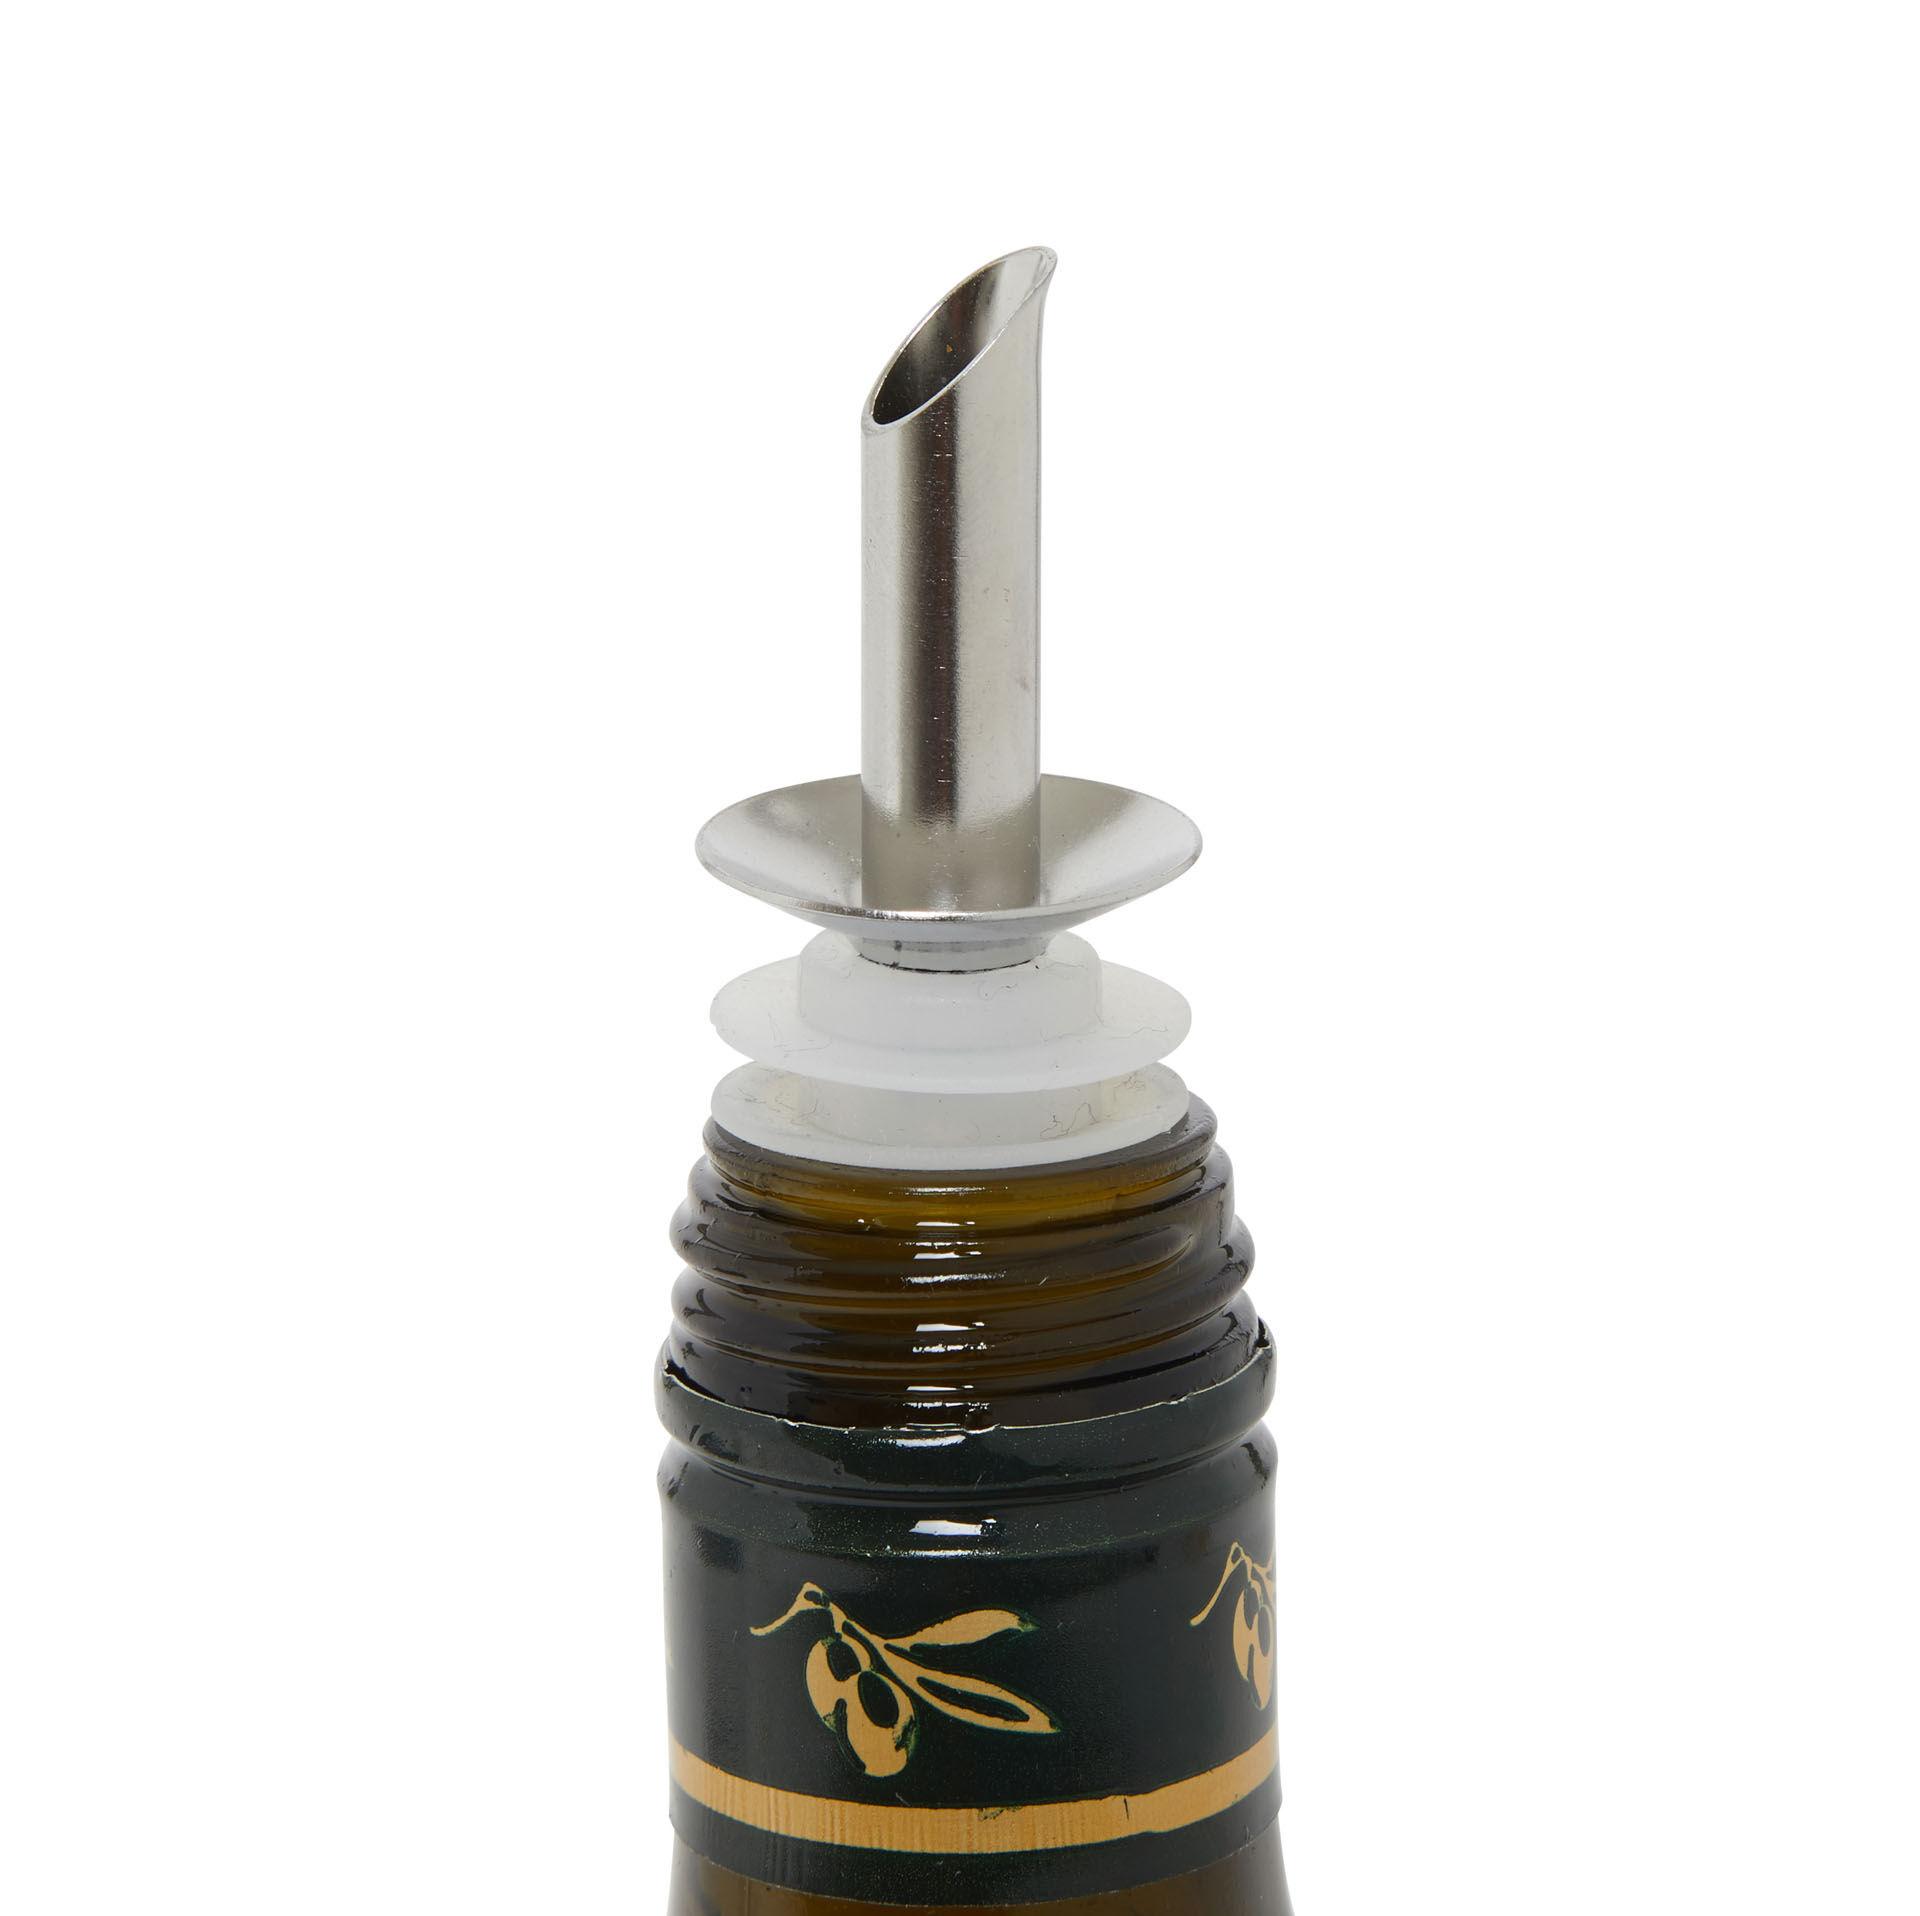 Bague anti-goutte pour bouteille d'huile Olipac, , large